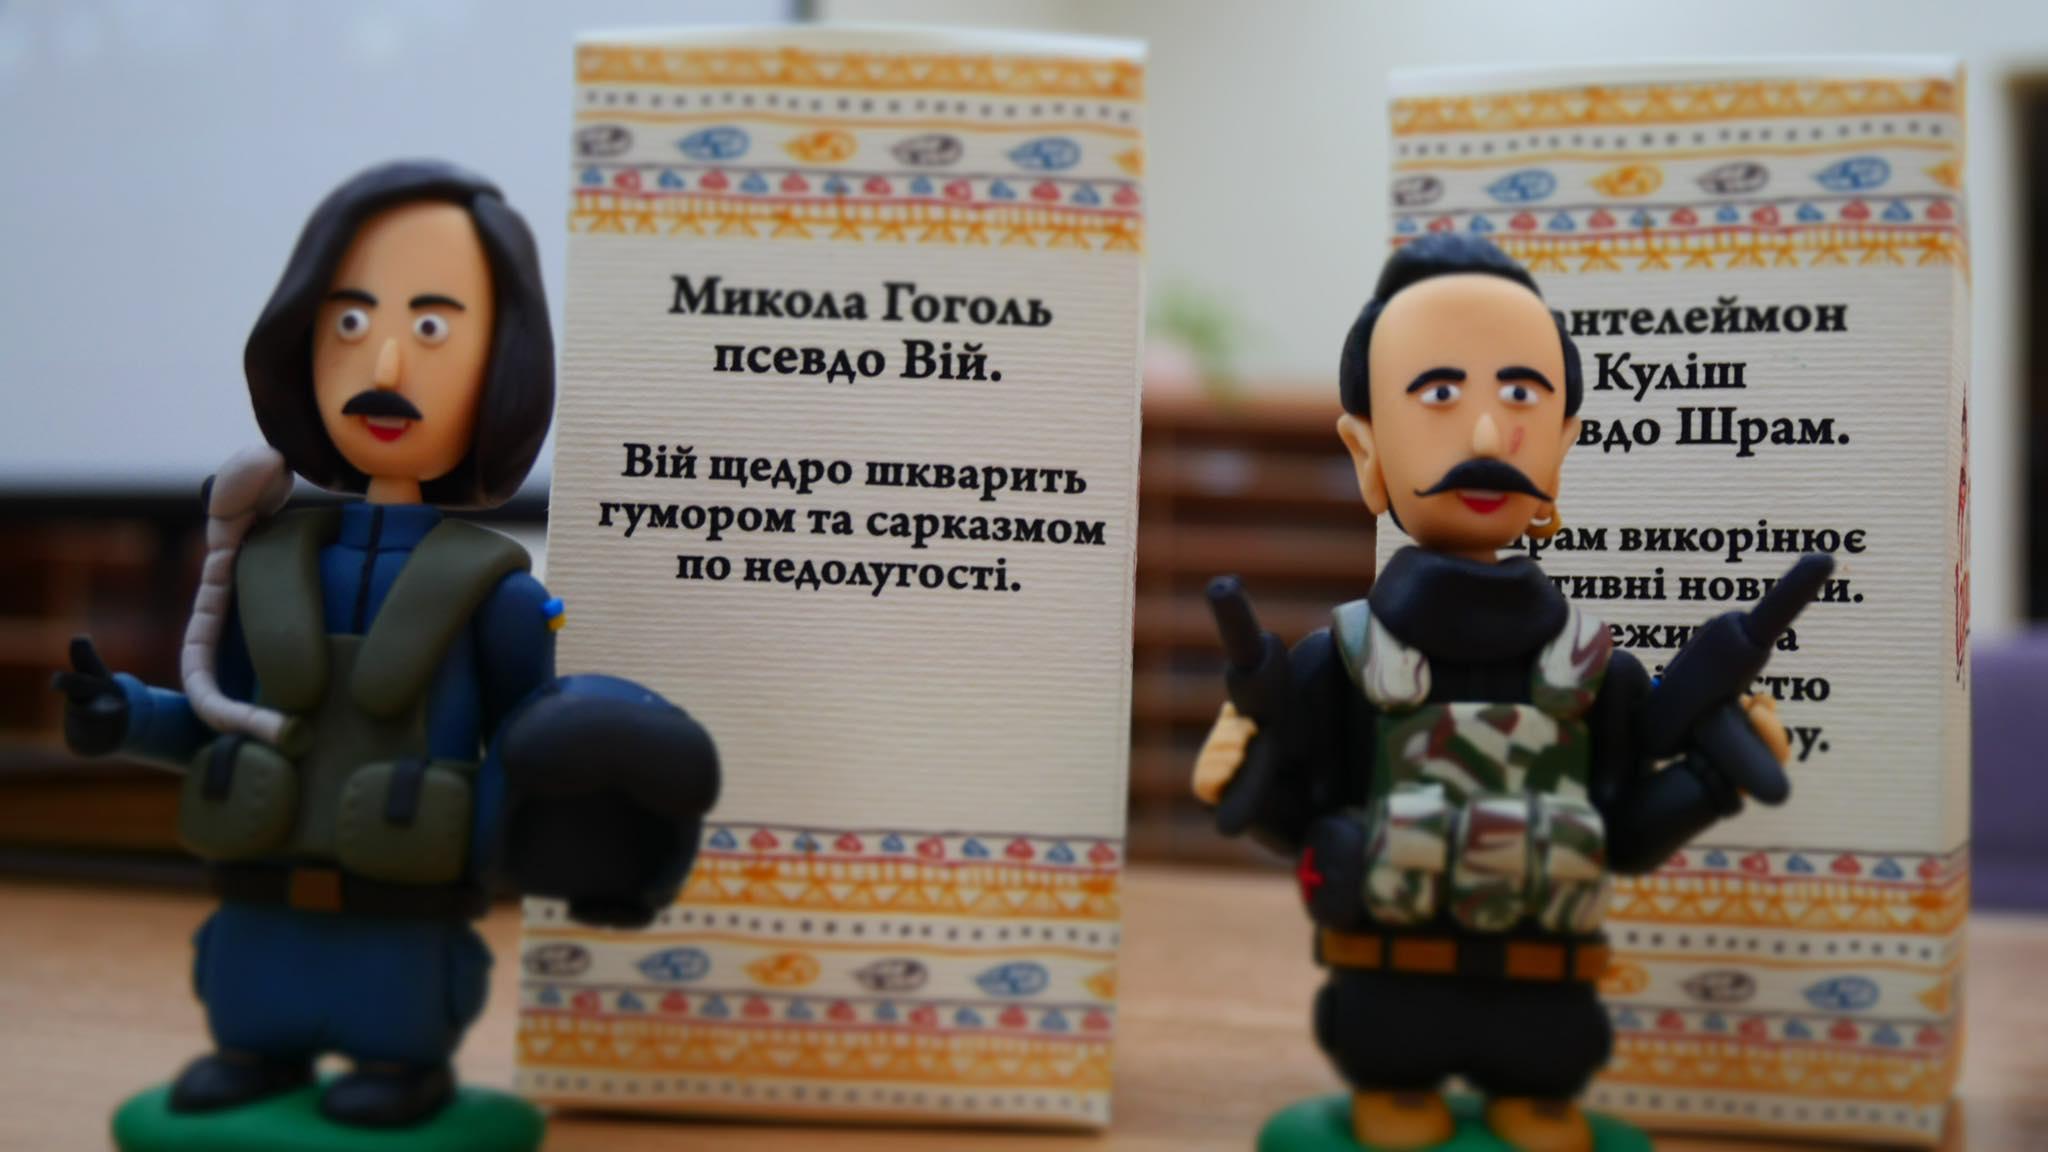 """Воїни слова: Богдан Савлюк представив нову колекцію """"Теплих іграшок"""" 2"""